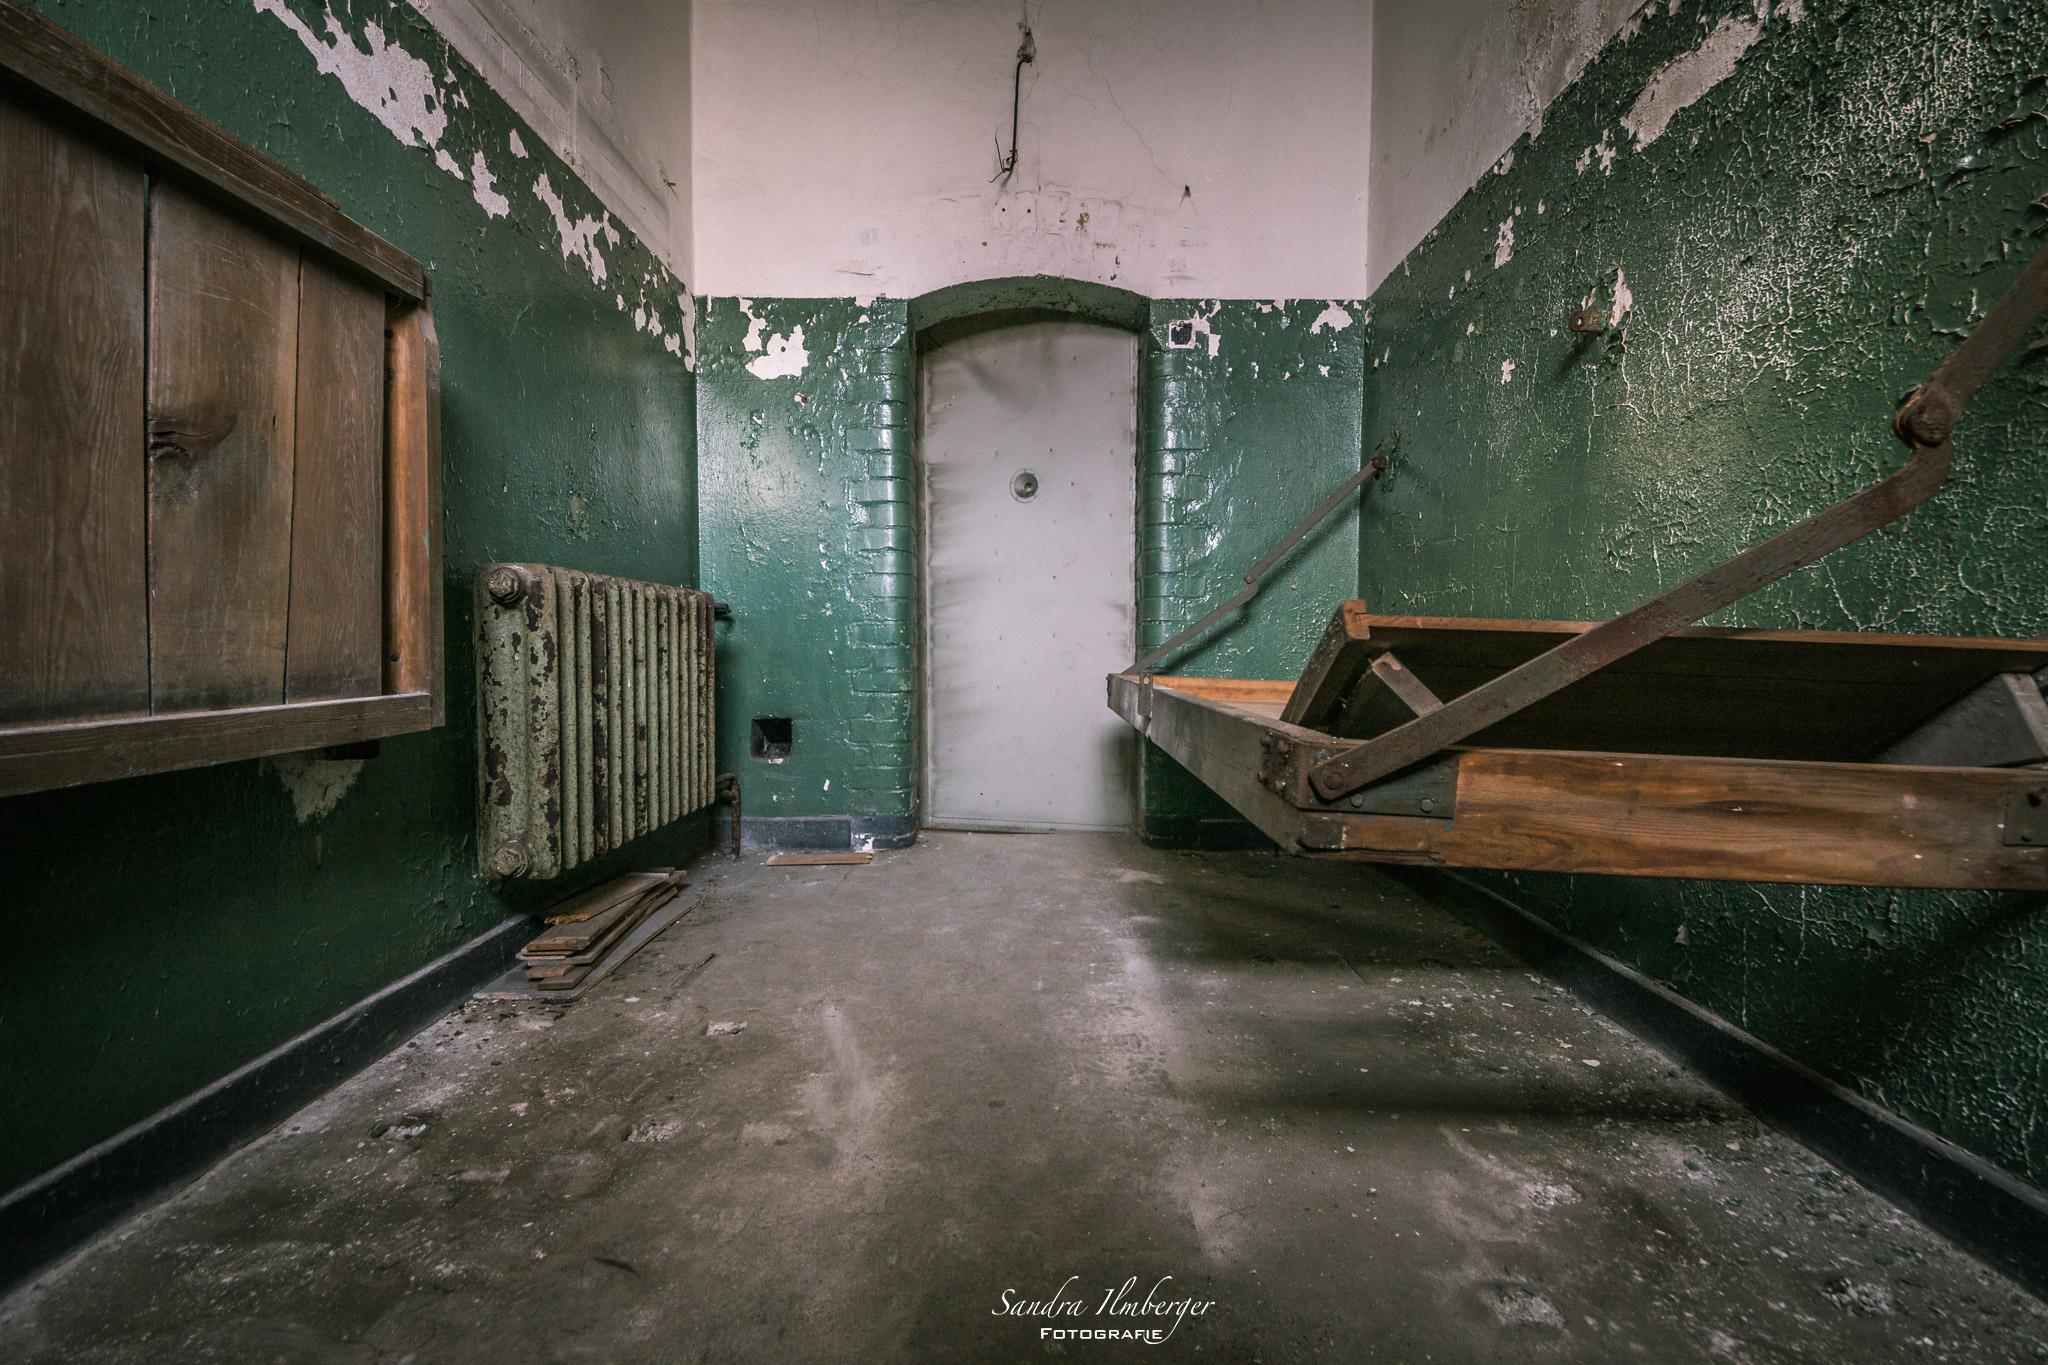 Zwei-Bett-Zelle (Foto: Sandra Ilmberger)